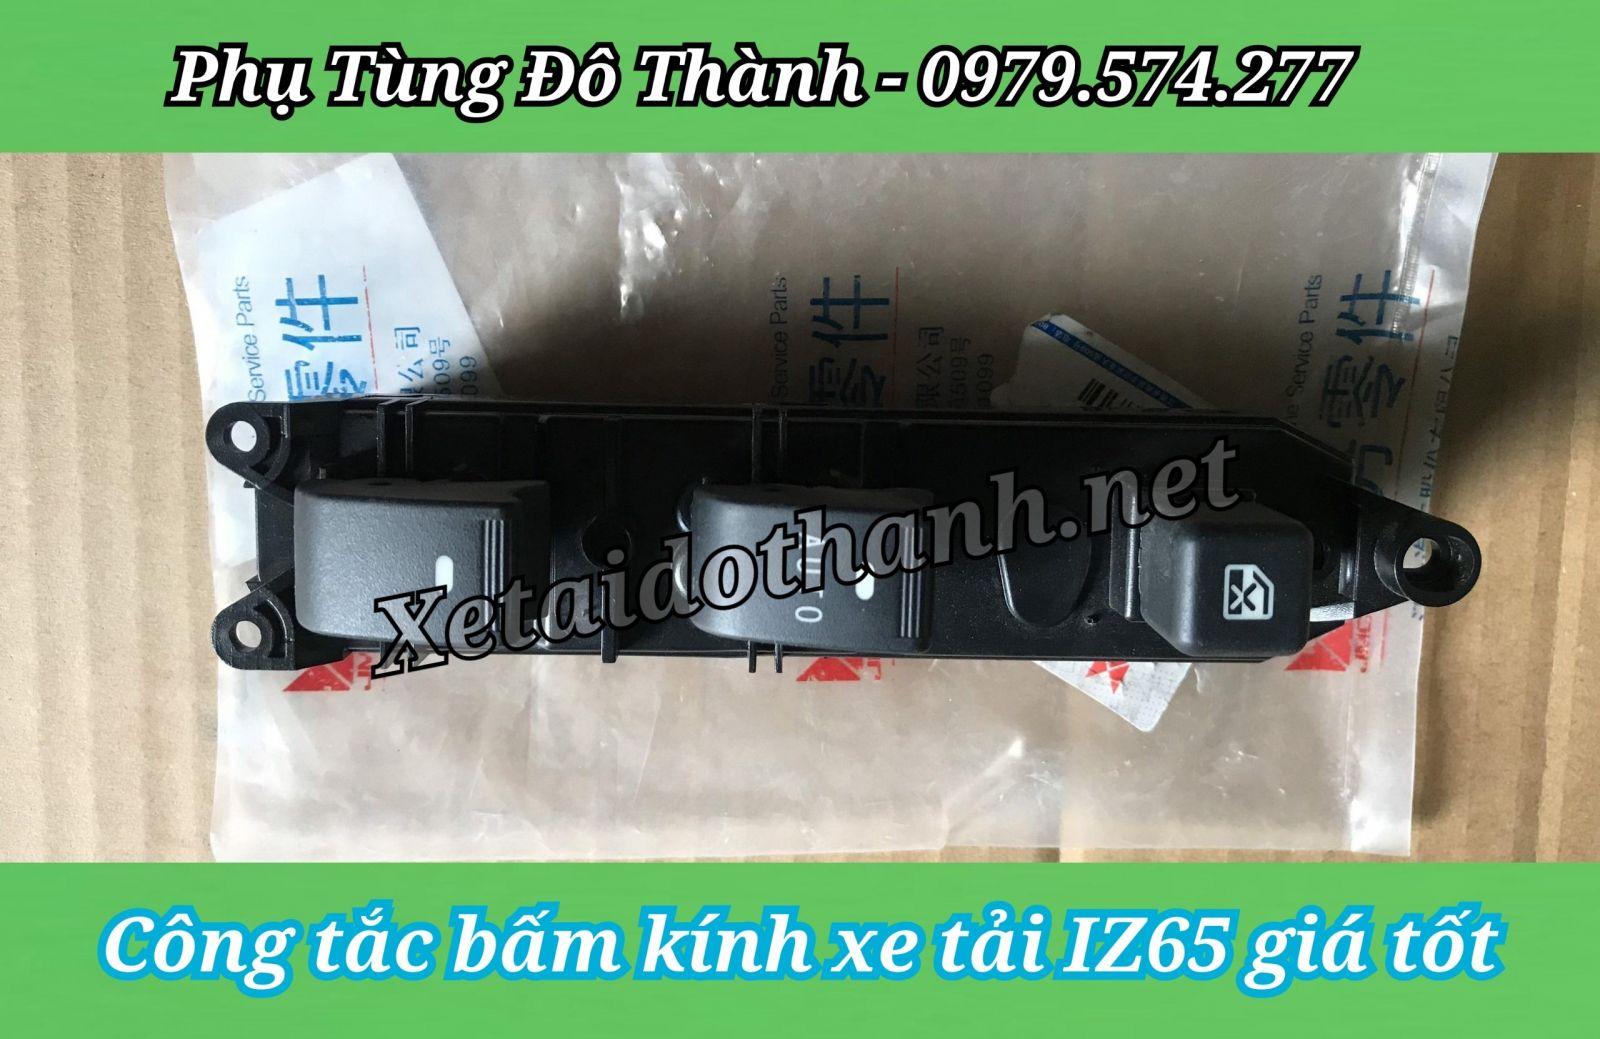 CONG TAC BAM KINH IZ65